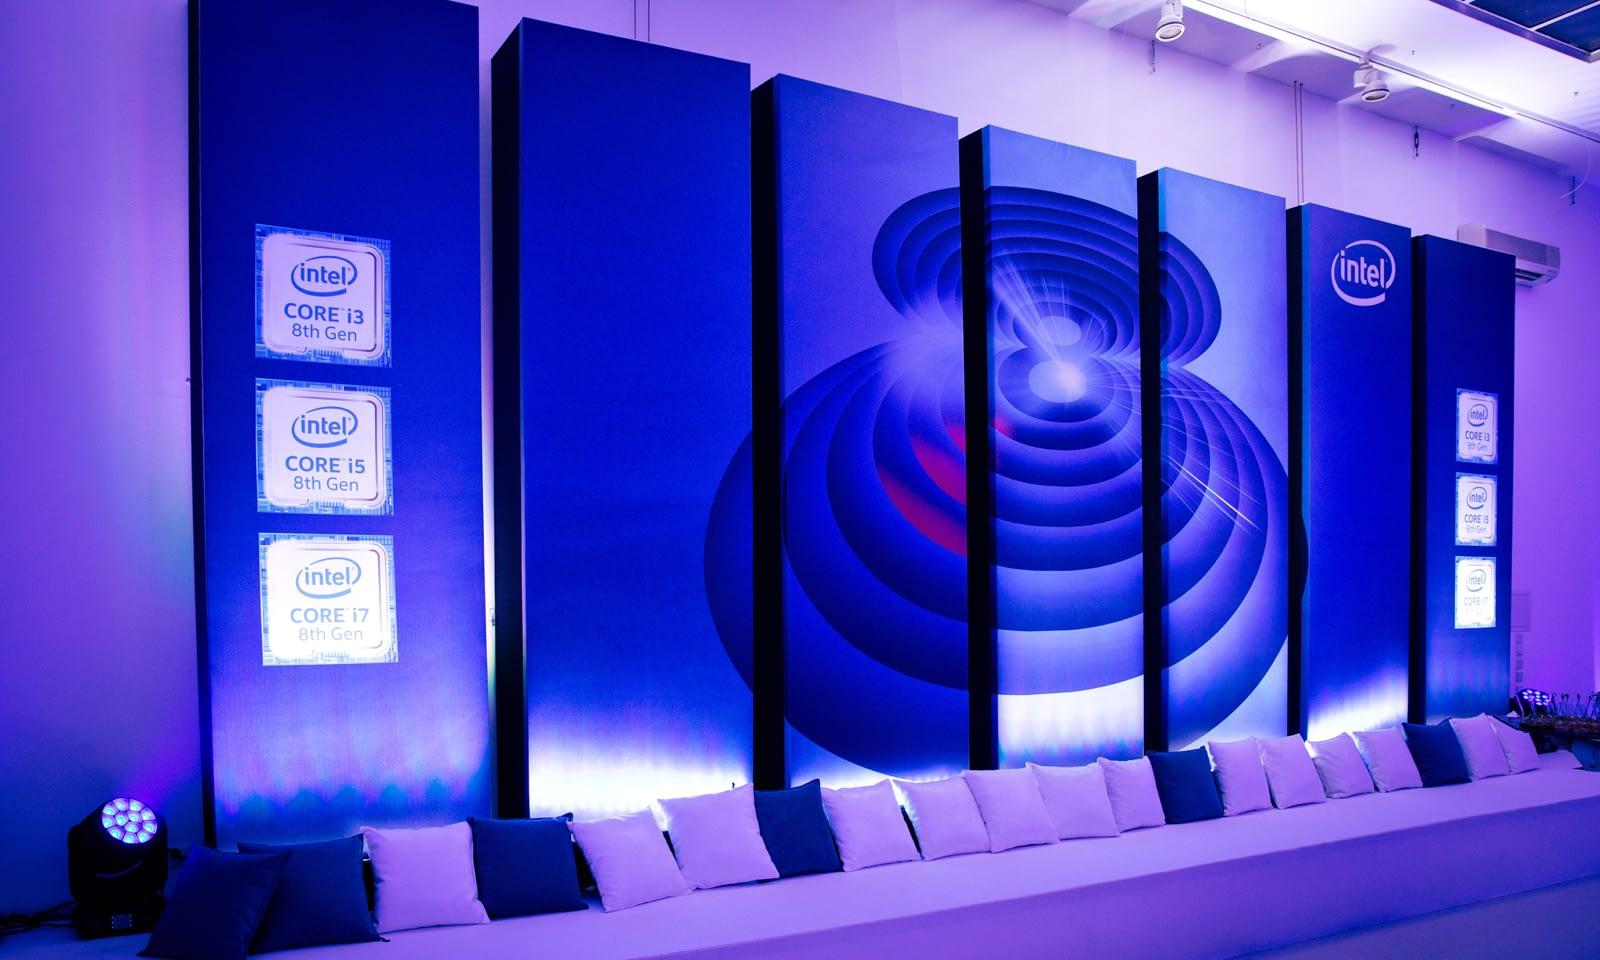 Premiera Intel Core 8 generacji - Brill AV Media obsługa techniczna eventów